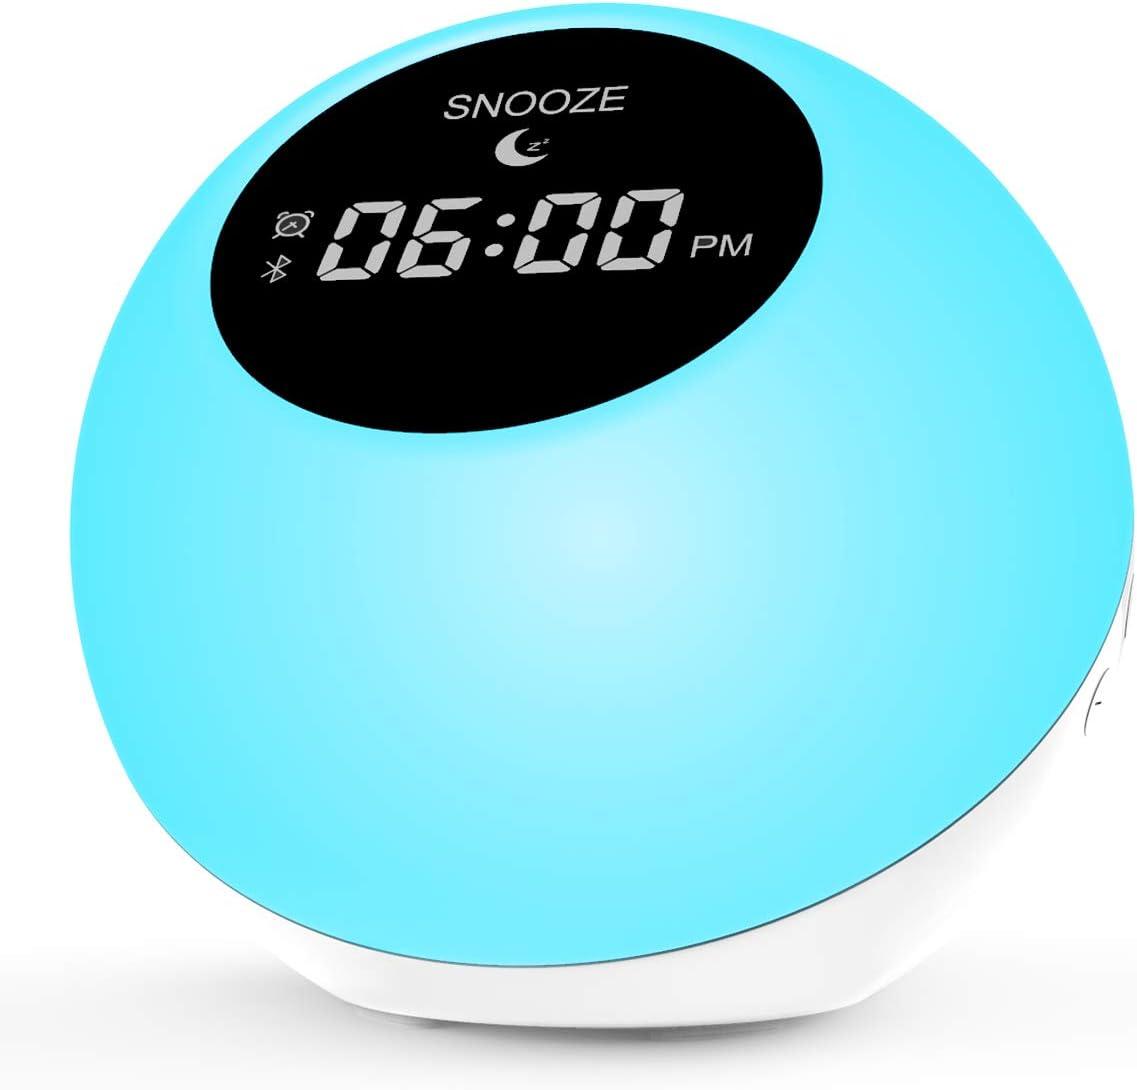 Reloj Despertador,Digital Alarma Despertador, Despertador con Altavoz Bluetooth Inalámbrico,Reloj Alarma con Luces para Personas con sueño Pesado-con 7 Colores cambiantes de luz Nocturna (White)